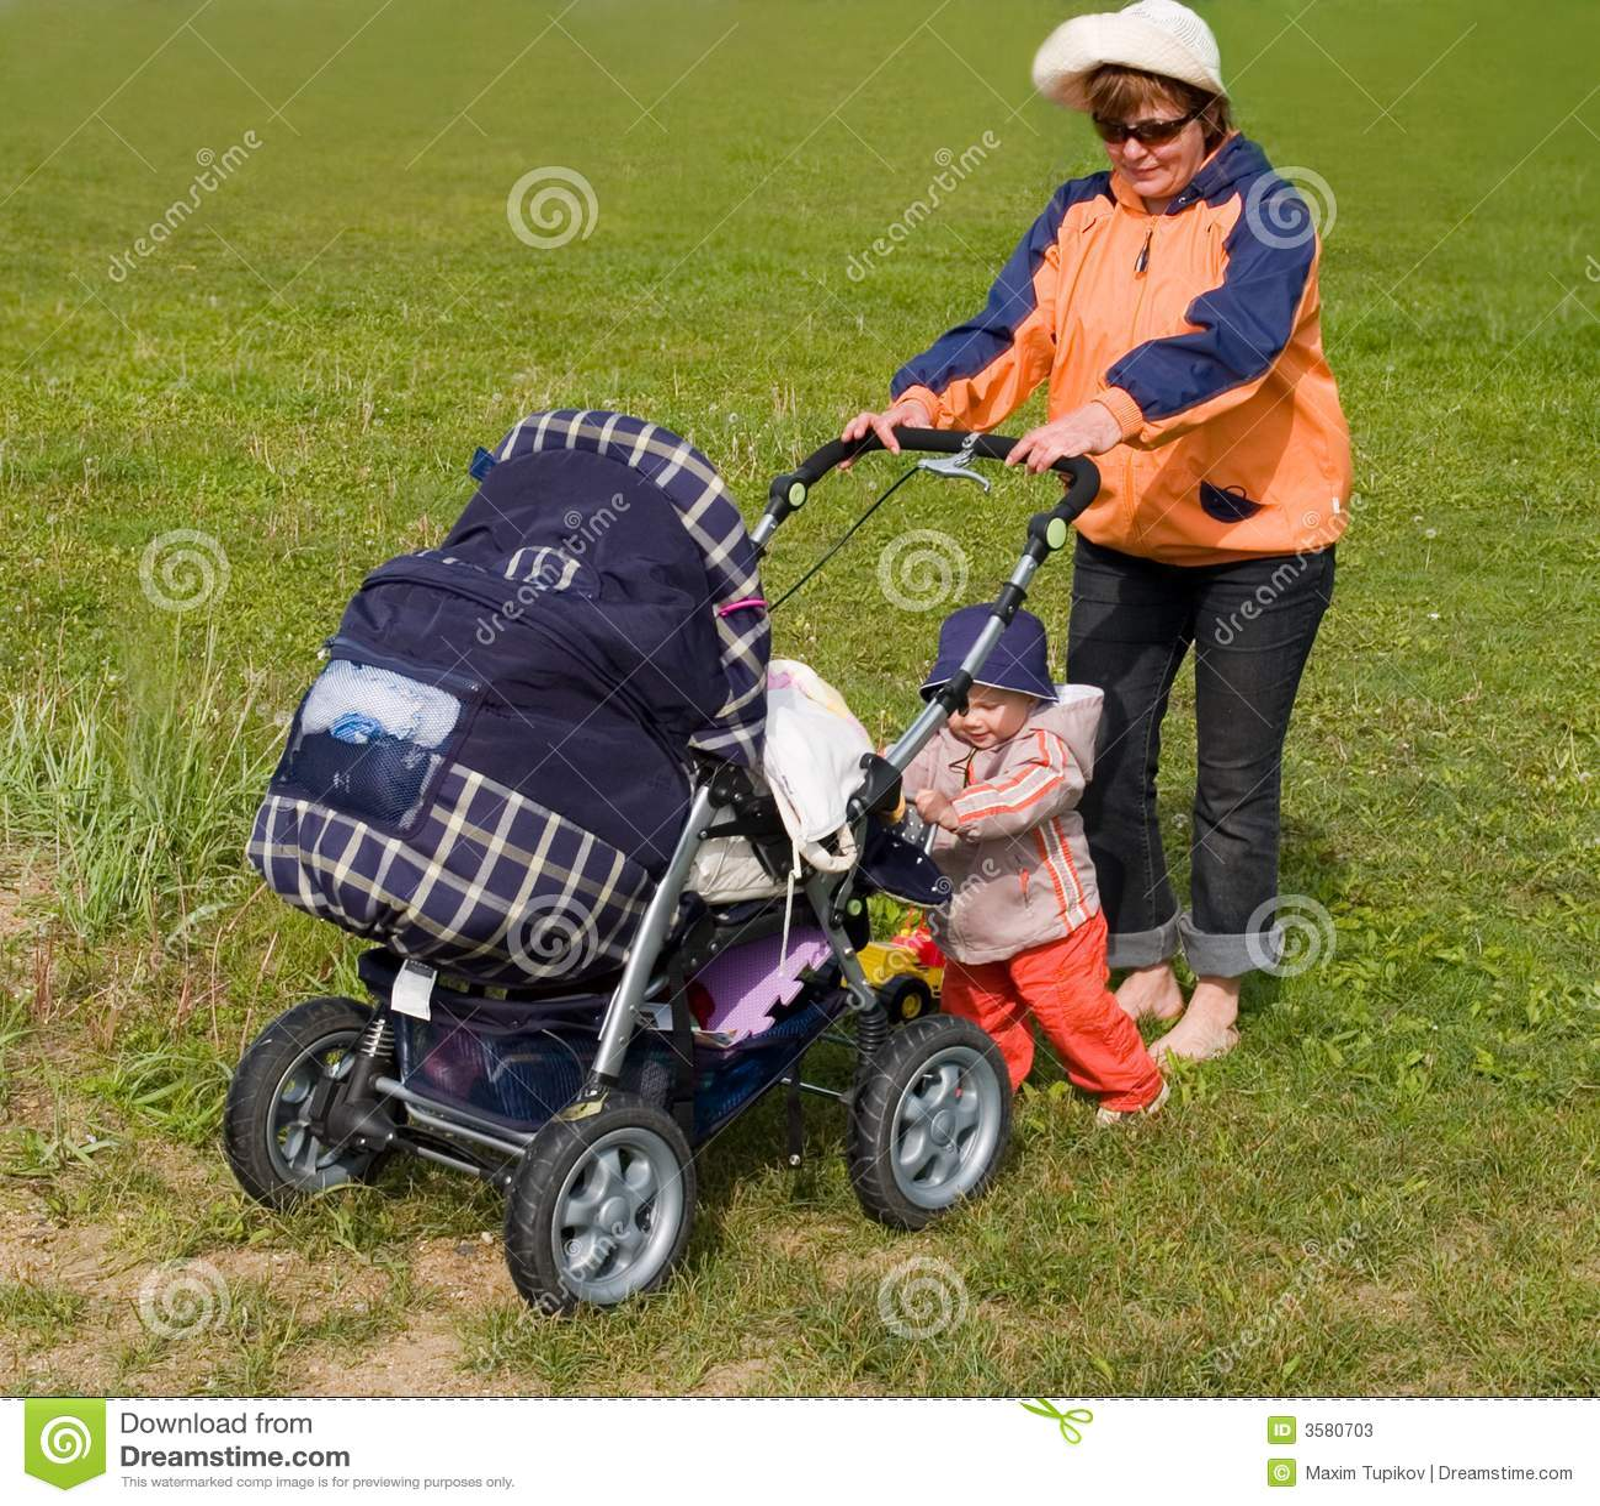 孩子母亲婴儿推车